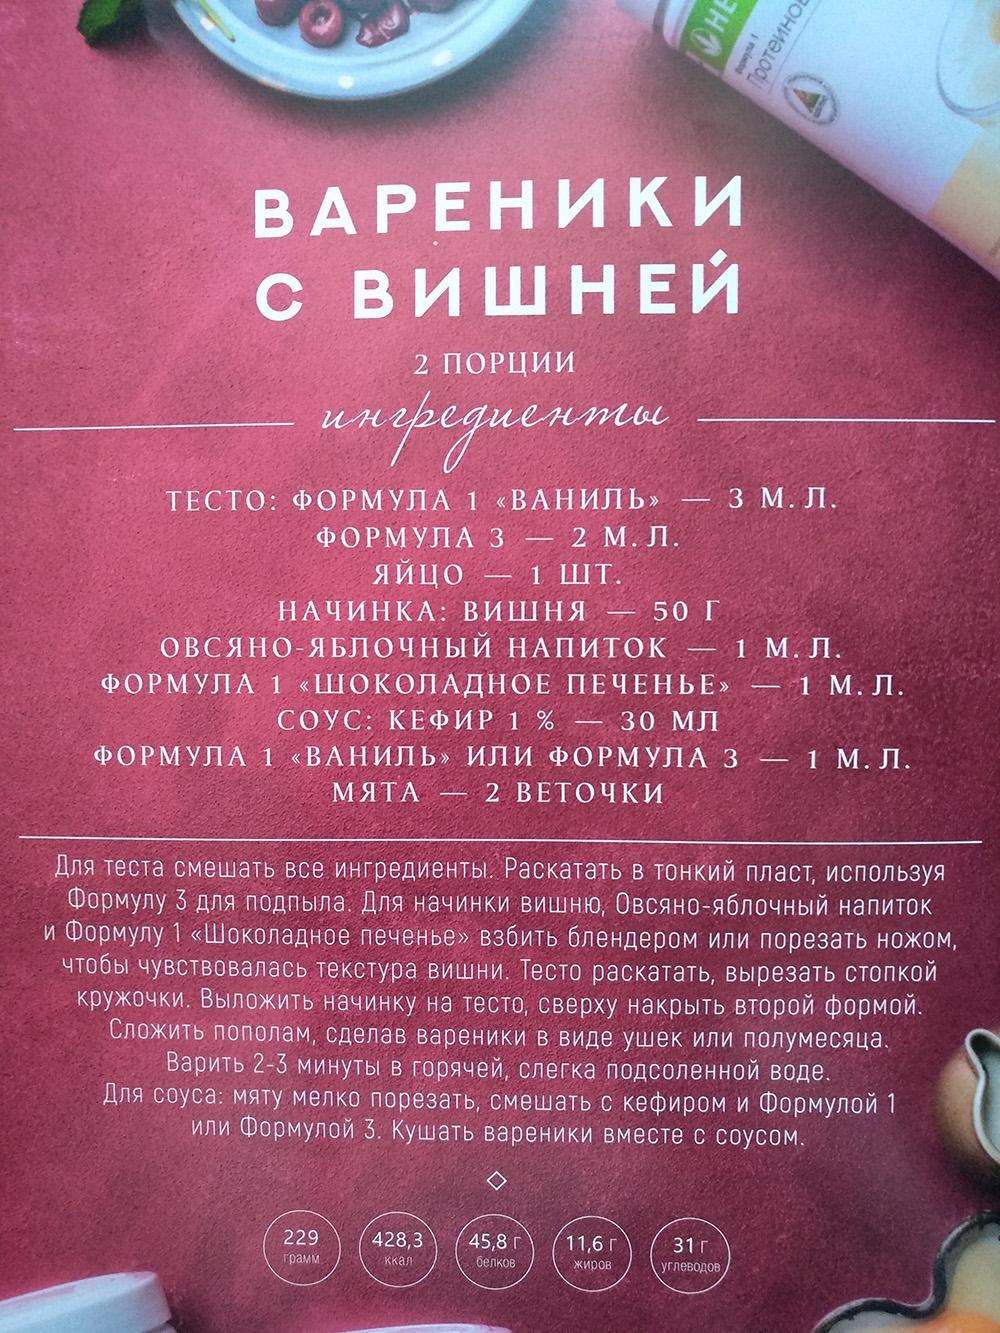 рецепт вареников с вишней от гербалайф